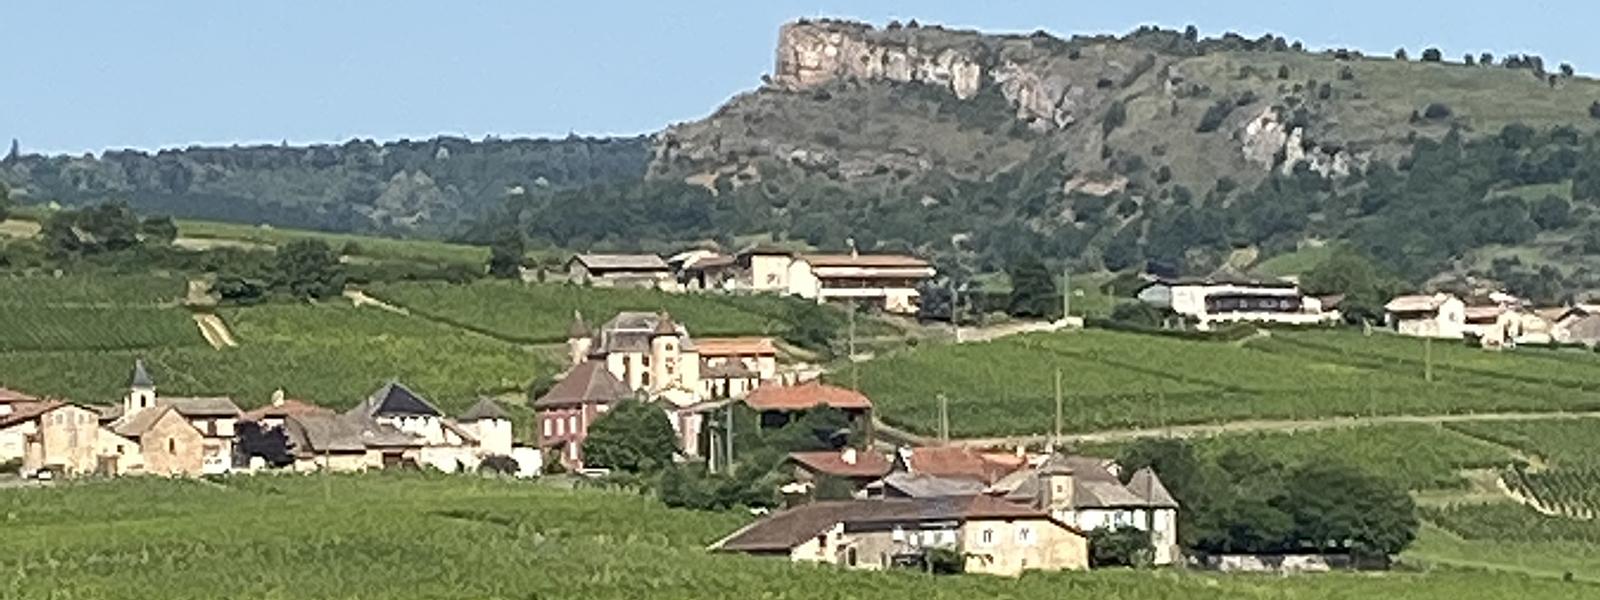 2019 Mâconnais Report